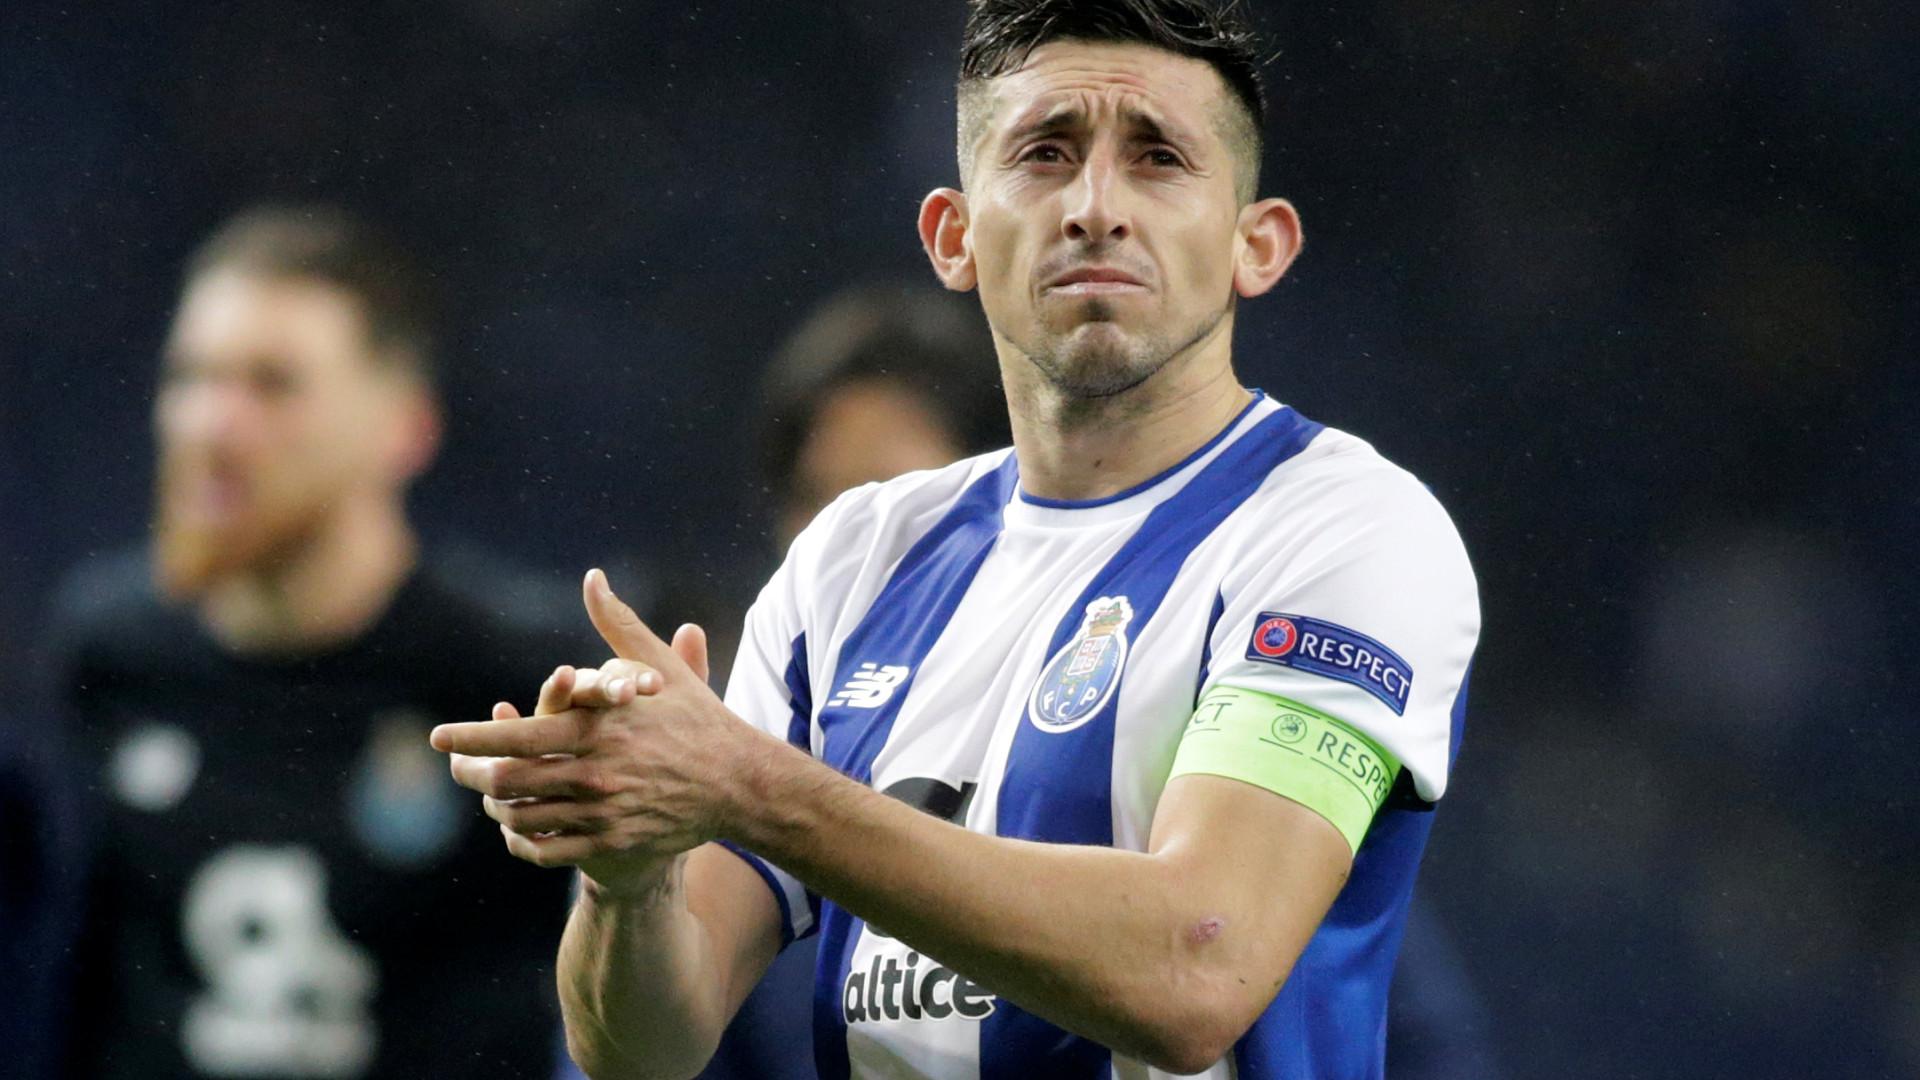 Herrera deixa a seleção mexicana após o escândalo com 30 prostitutas